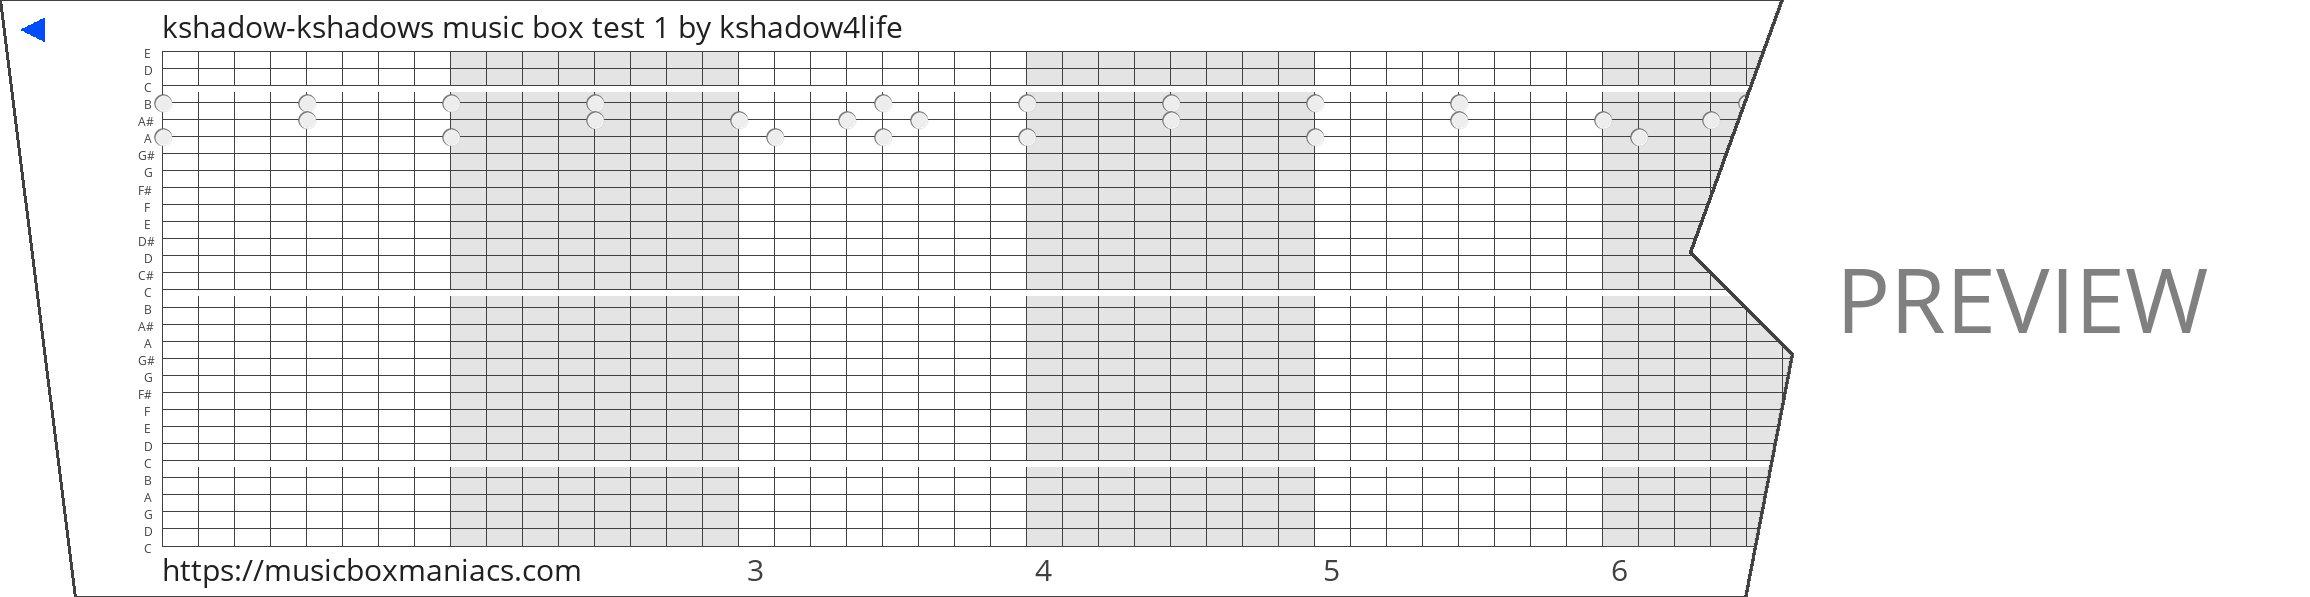 kshadow-kshadows music box test 1 30 note music box paper strip